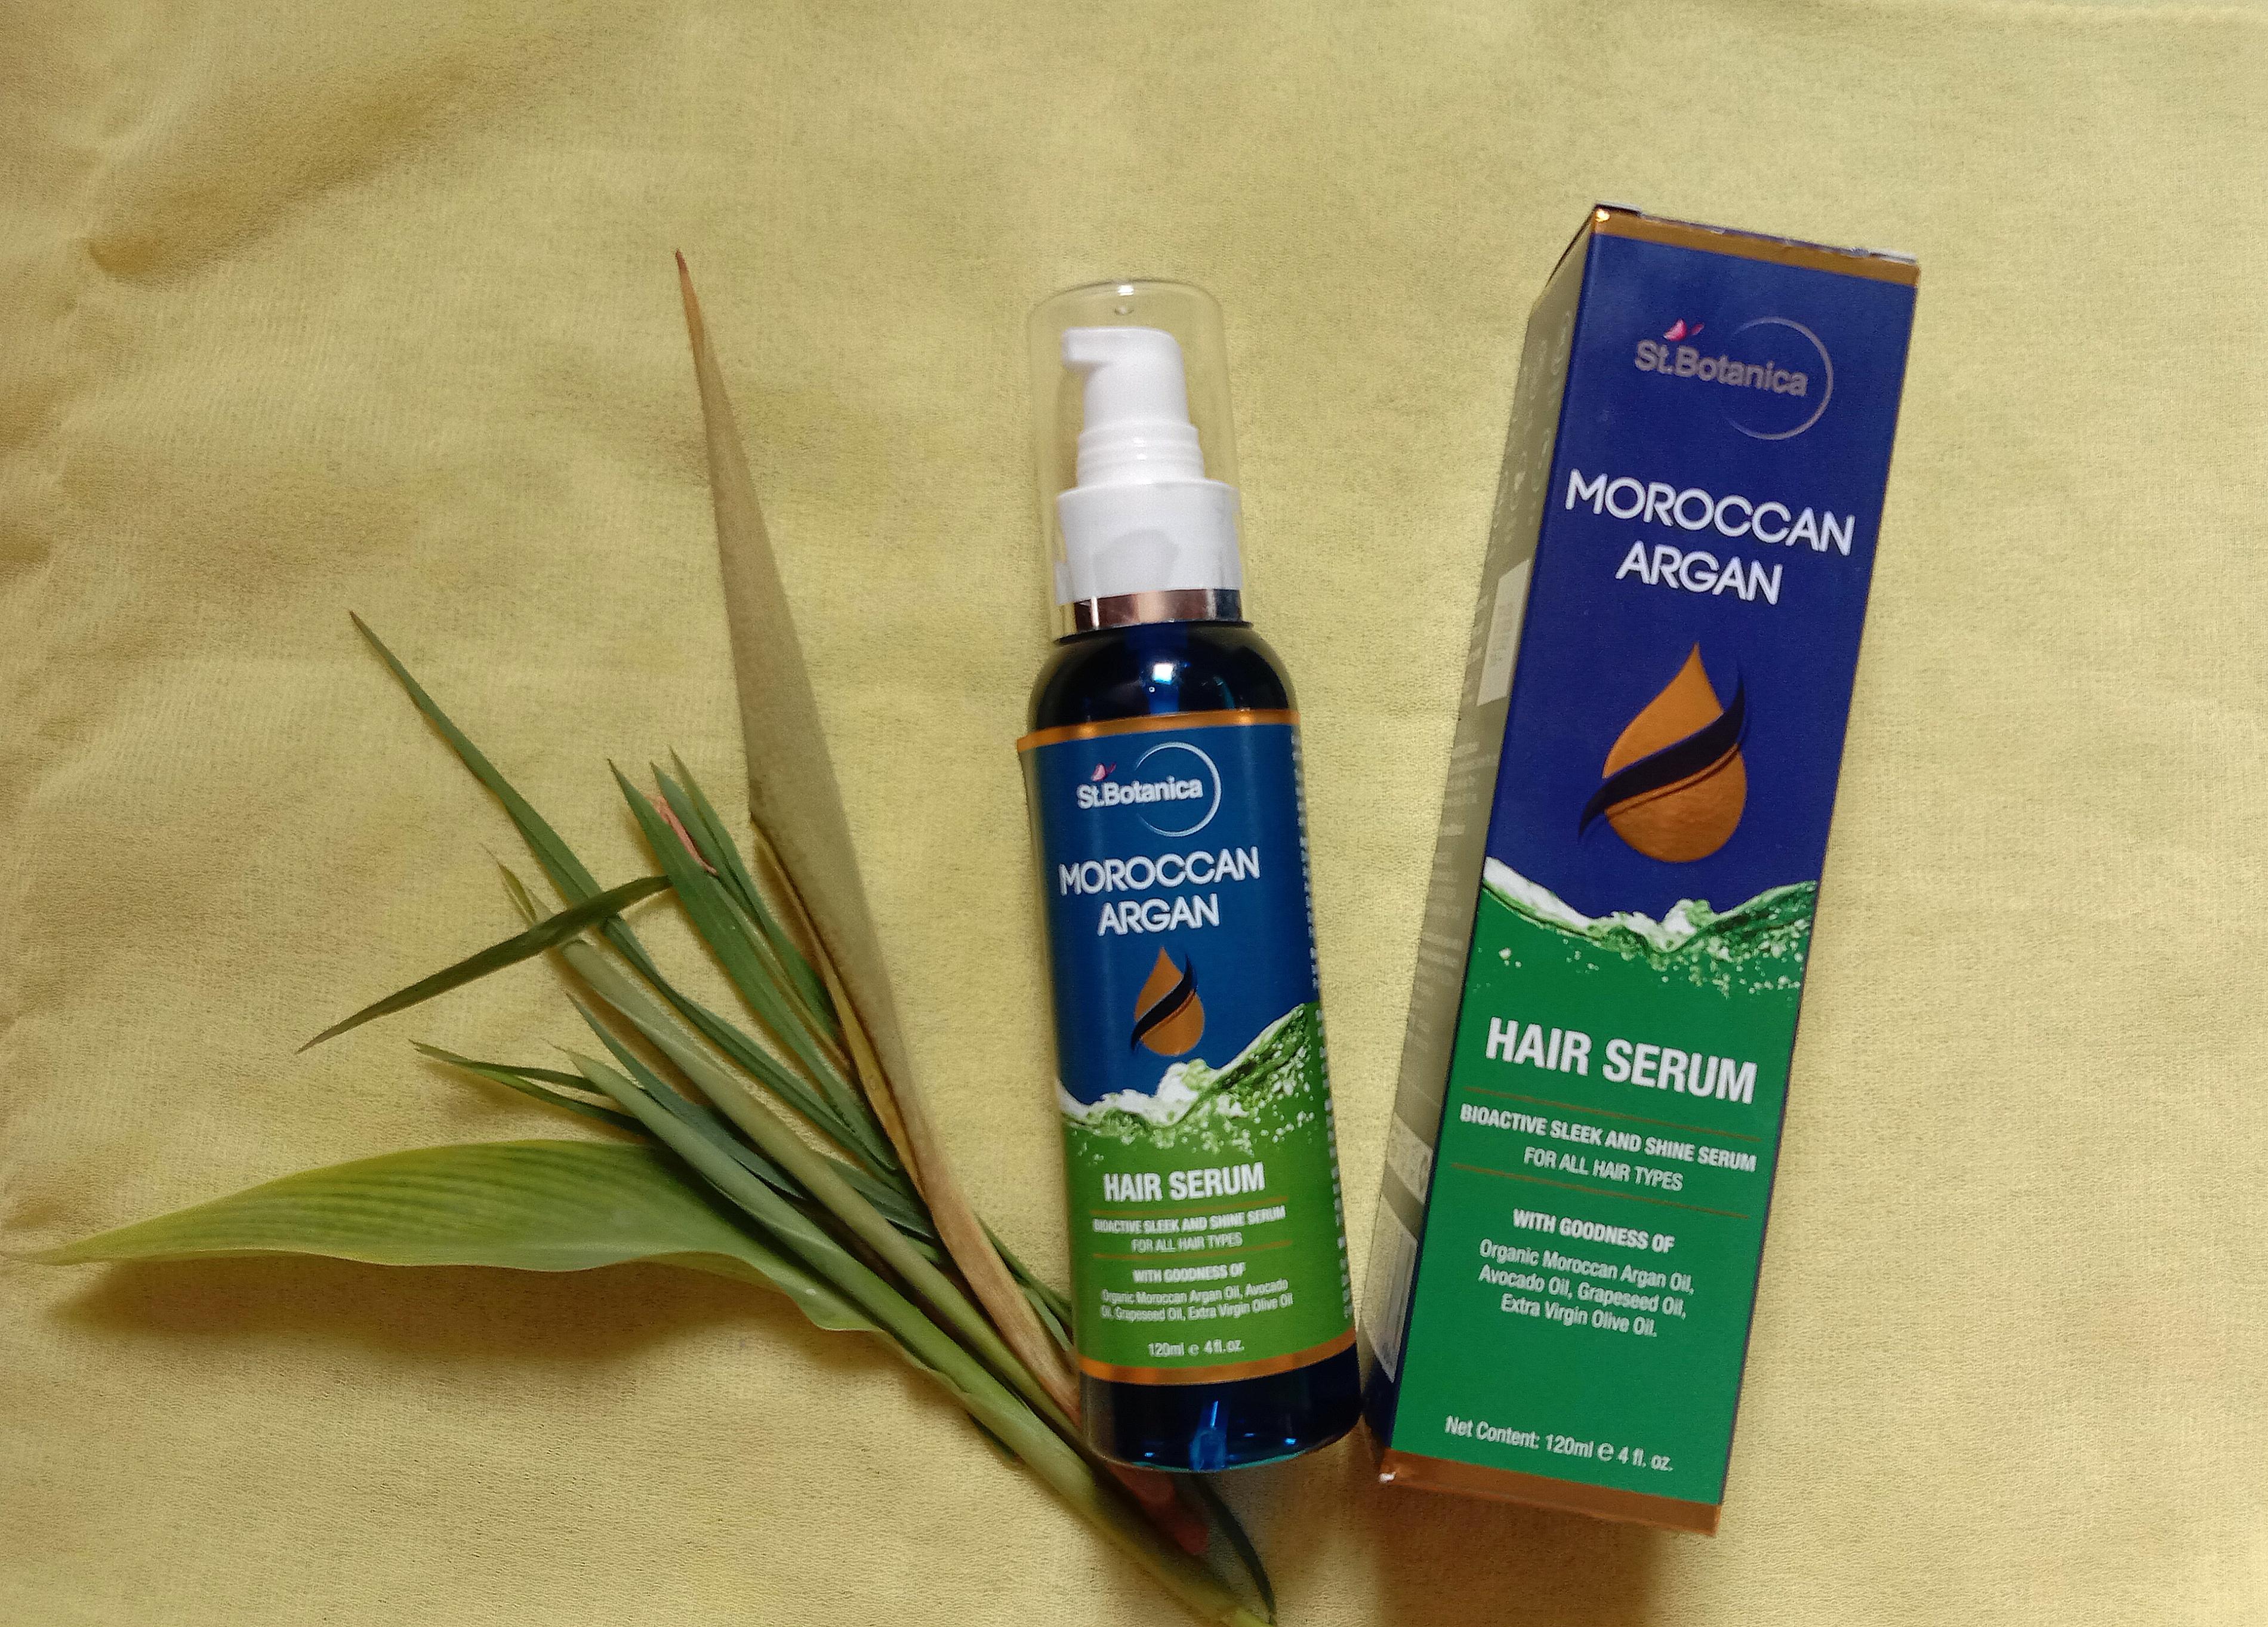 St.Botanica Moroccan Argan Hair Serum -Smoothens hair and makes them shiny-By sanskriti_shahji